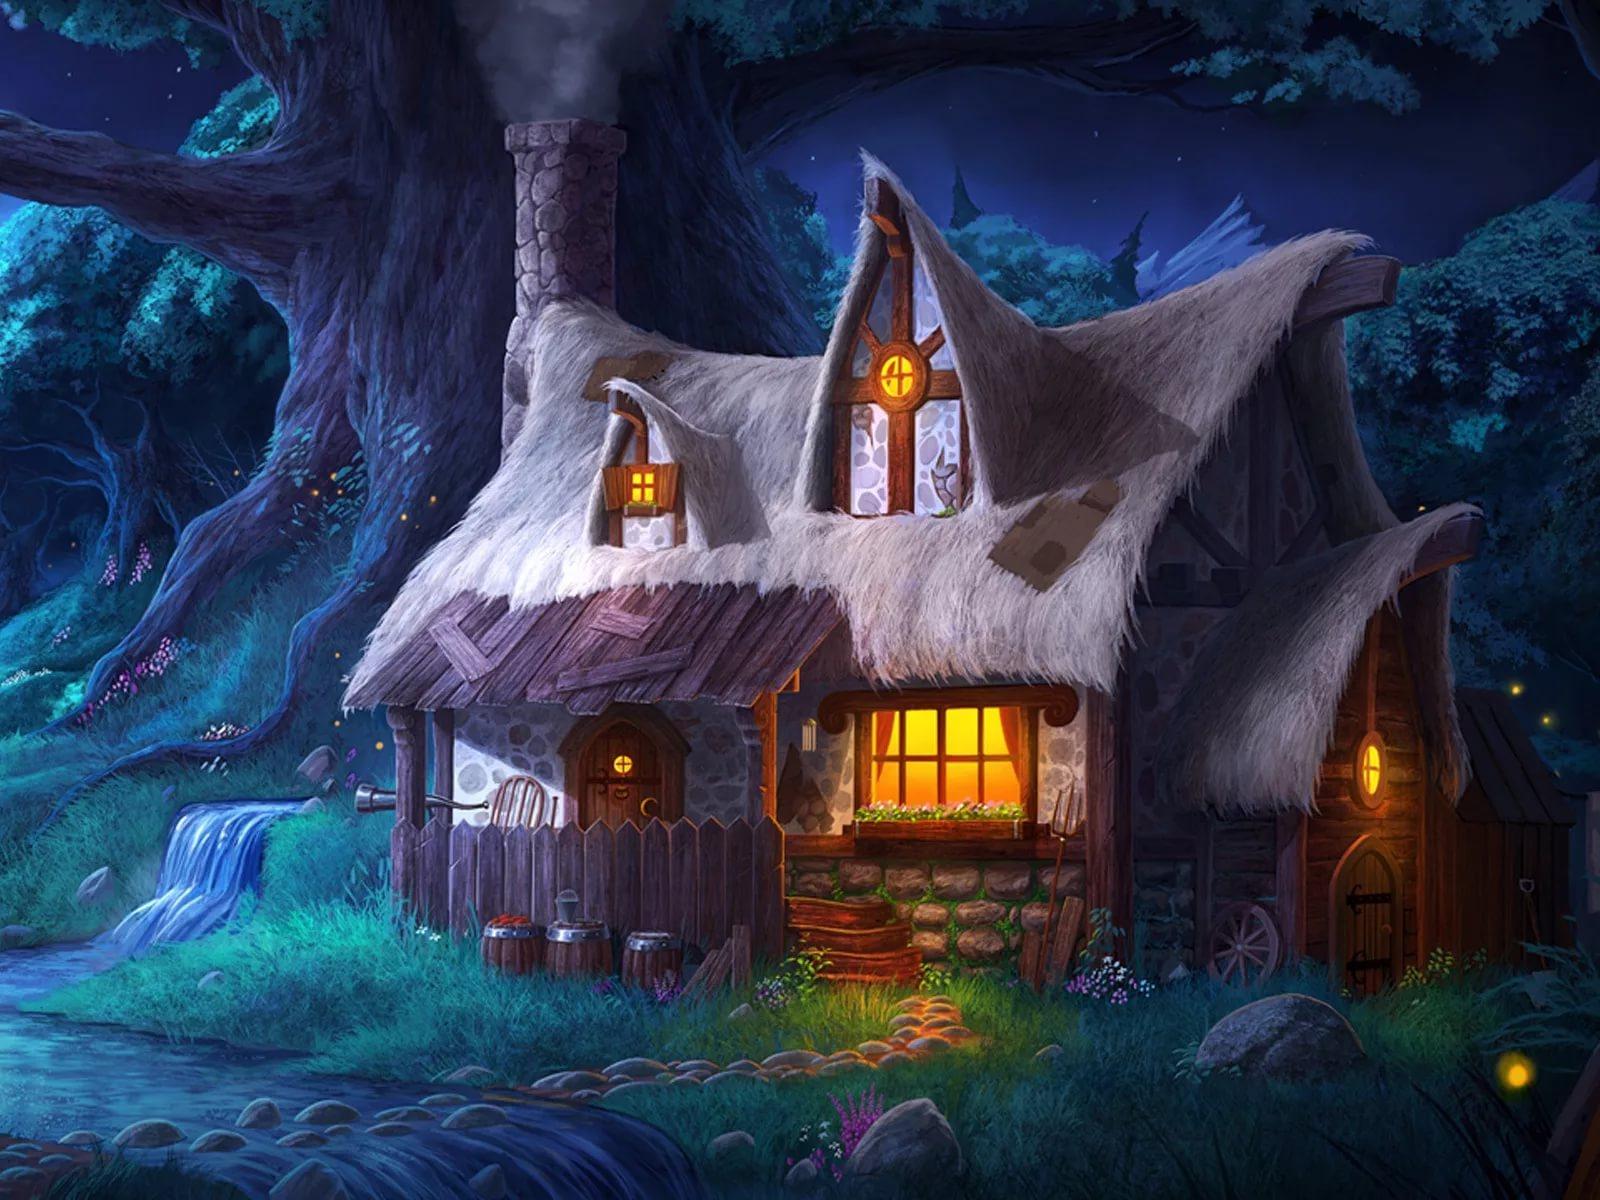 утро картинки с сказочными домами вот откуда это